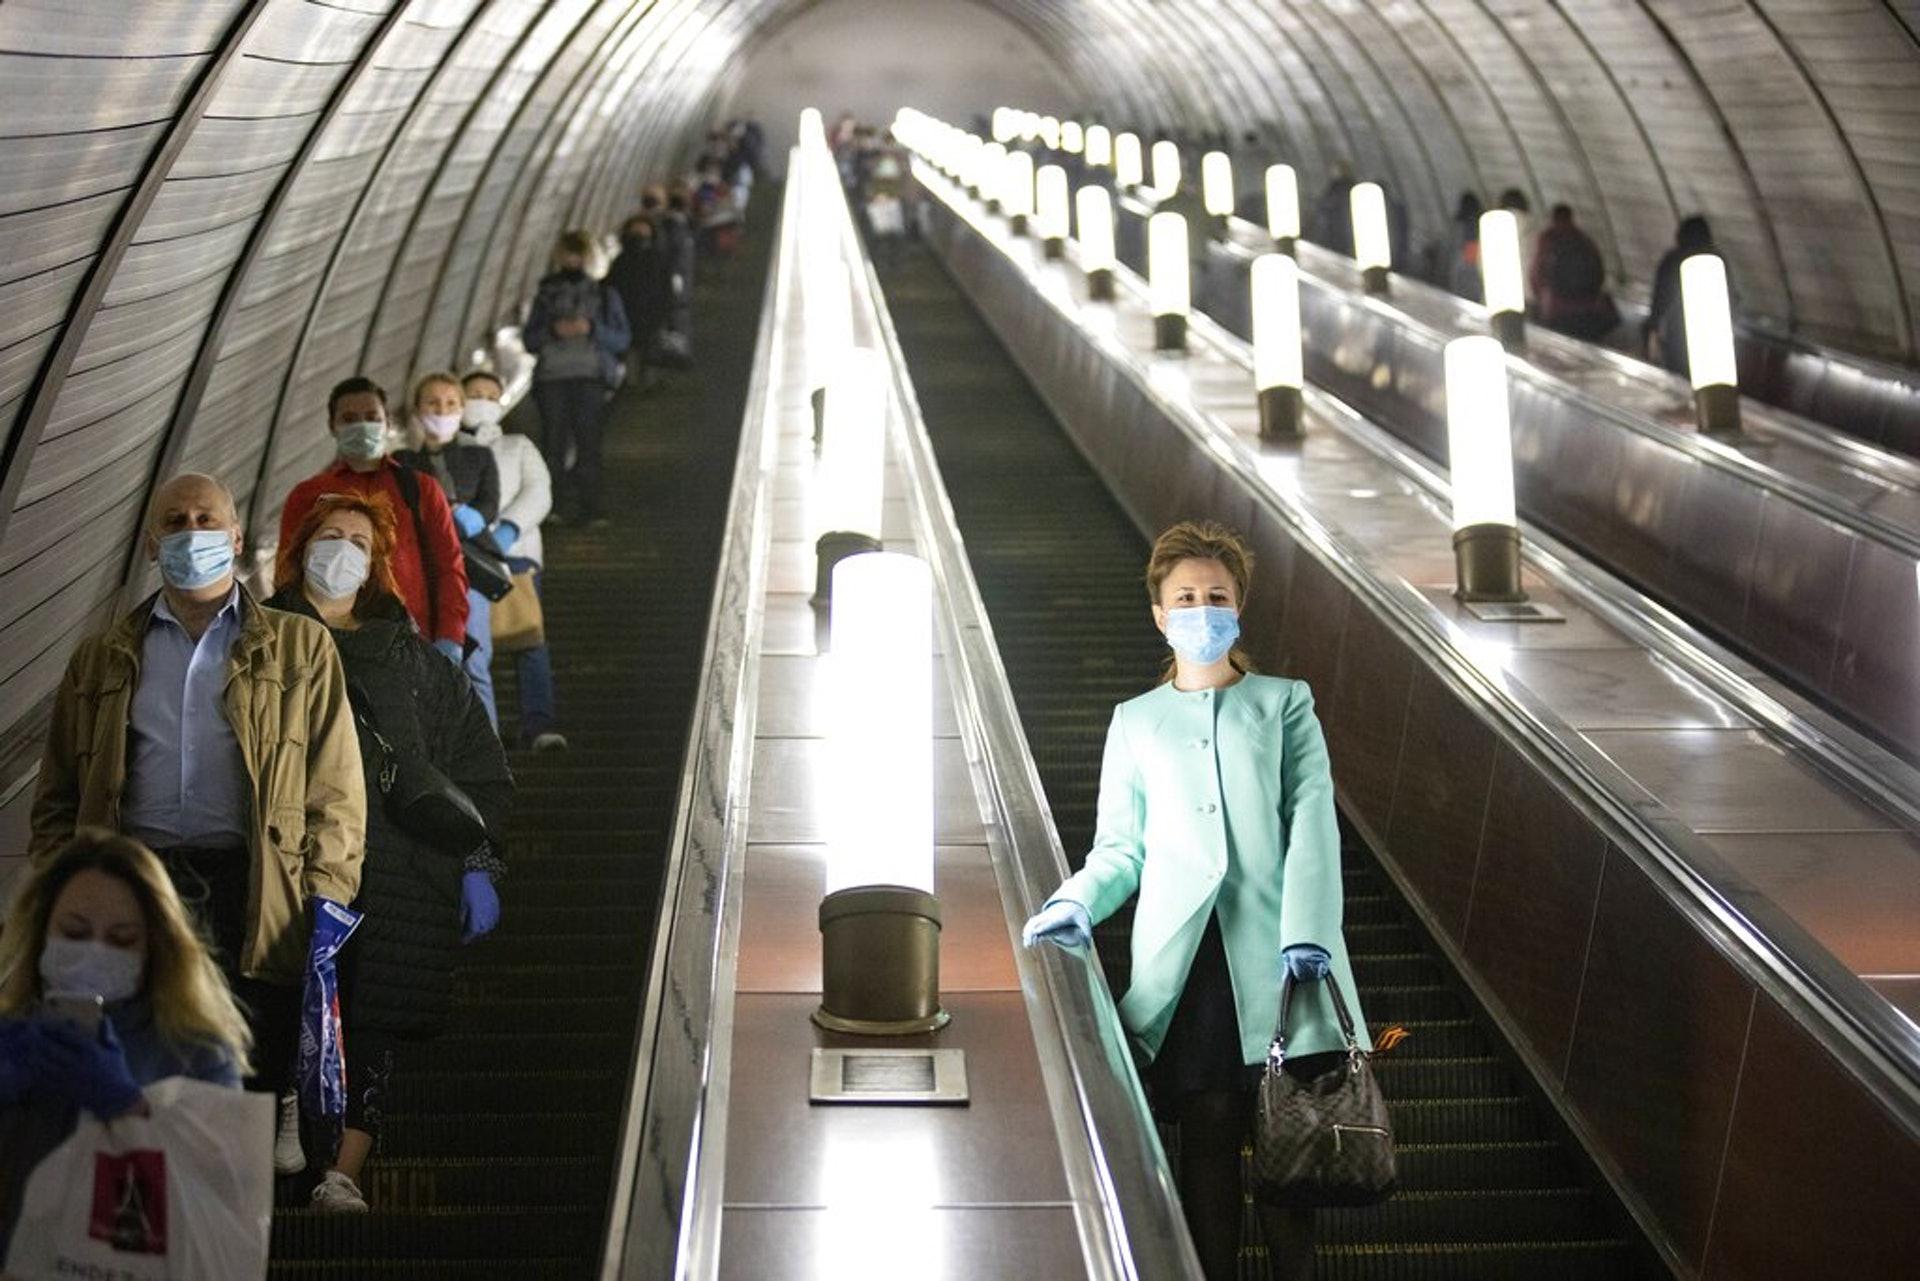 俄羅斯新冠肺炎疫情:圖為5月12日俄羅斯莫斯科的途人在使用地鐵扶手電梯。(AP)